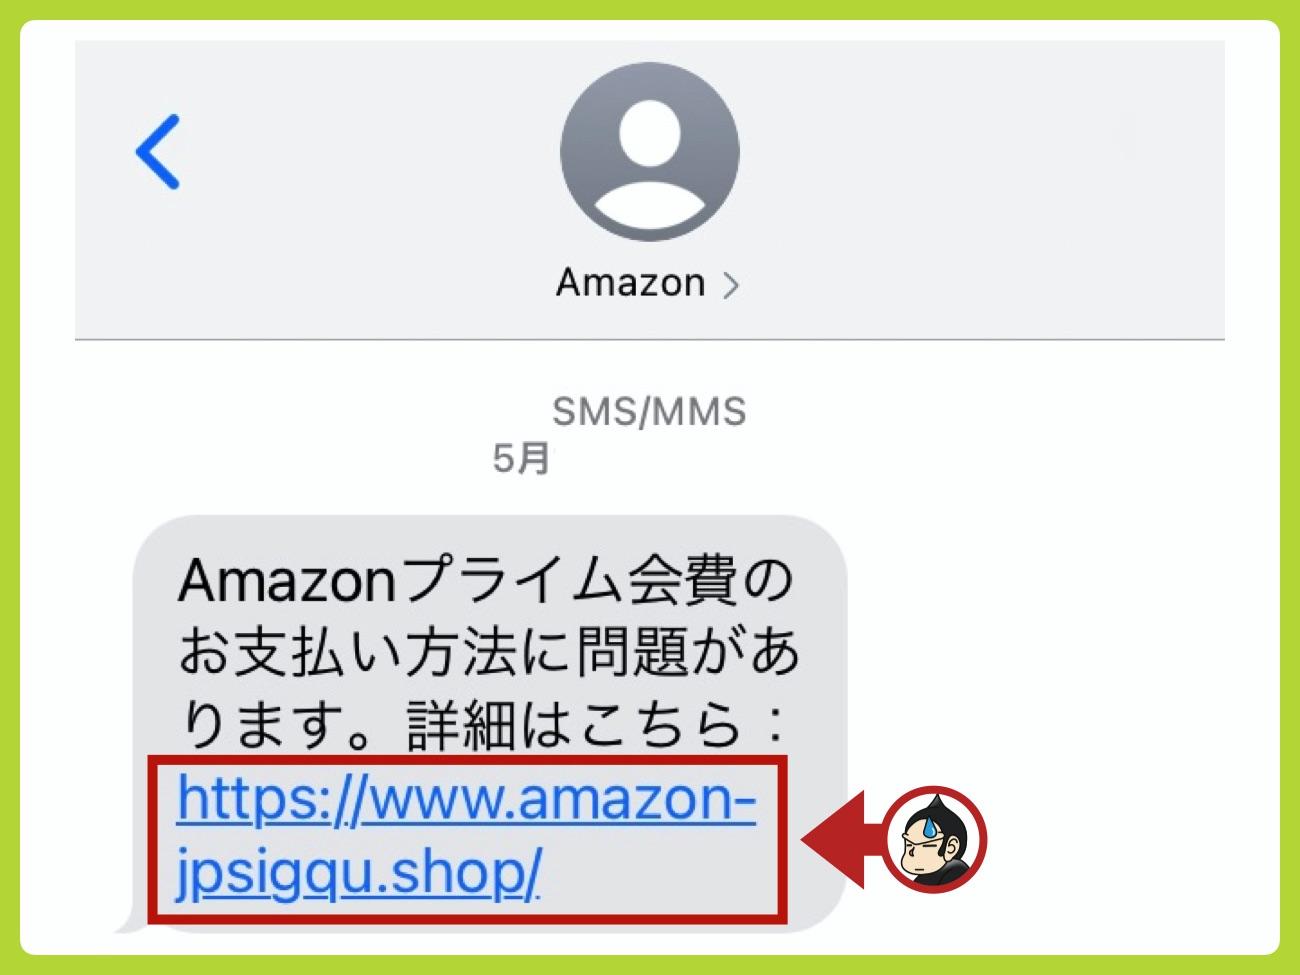 AmazonのなりすましSMS